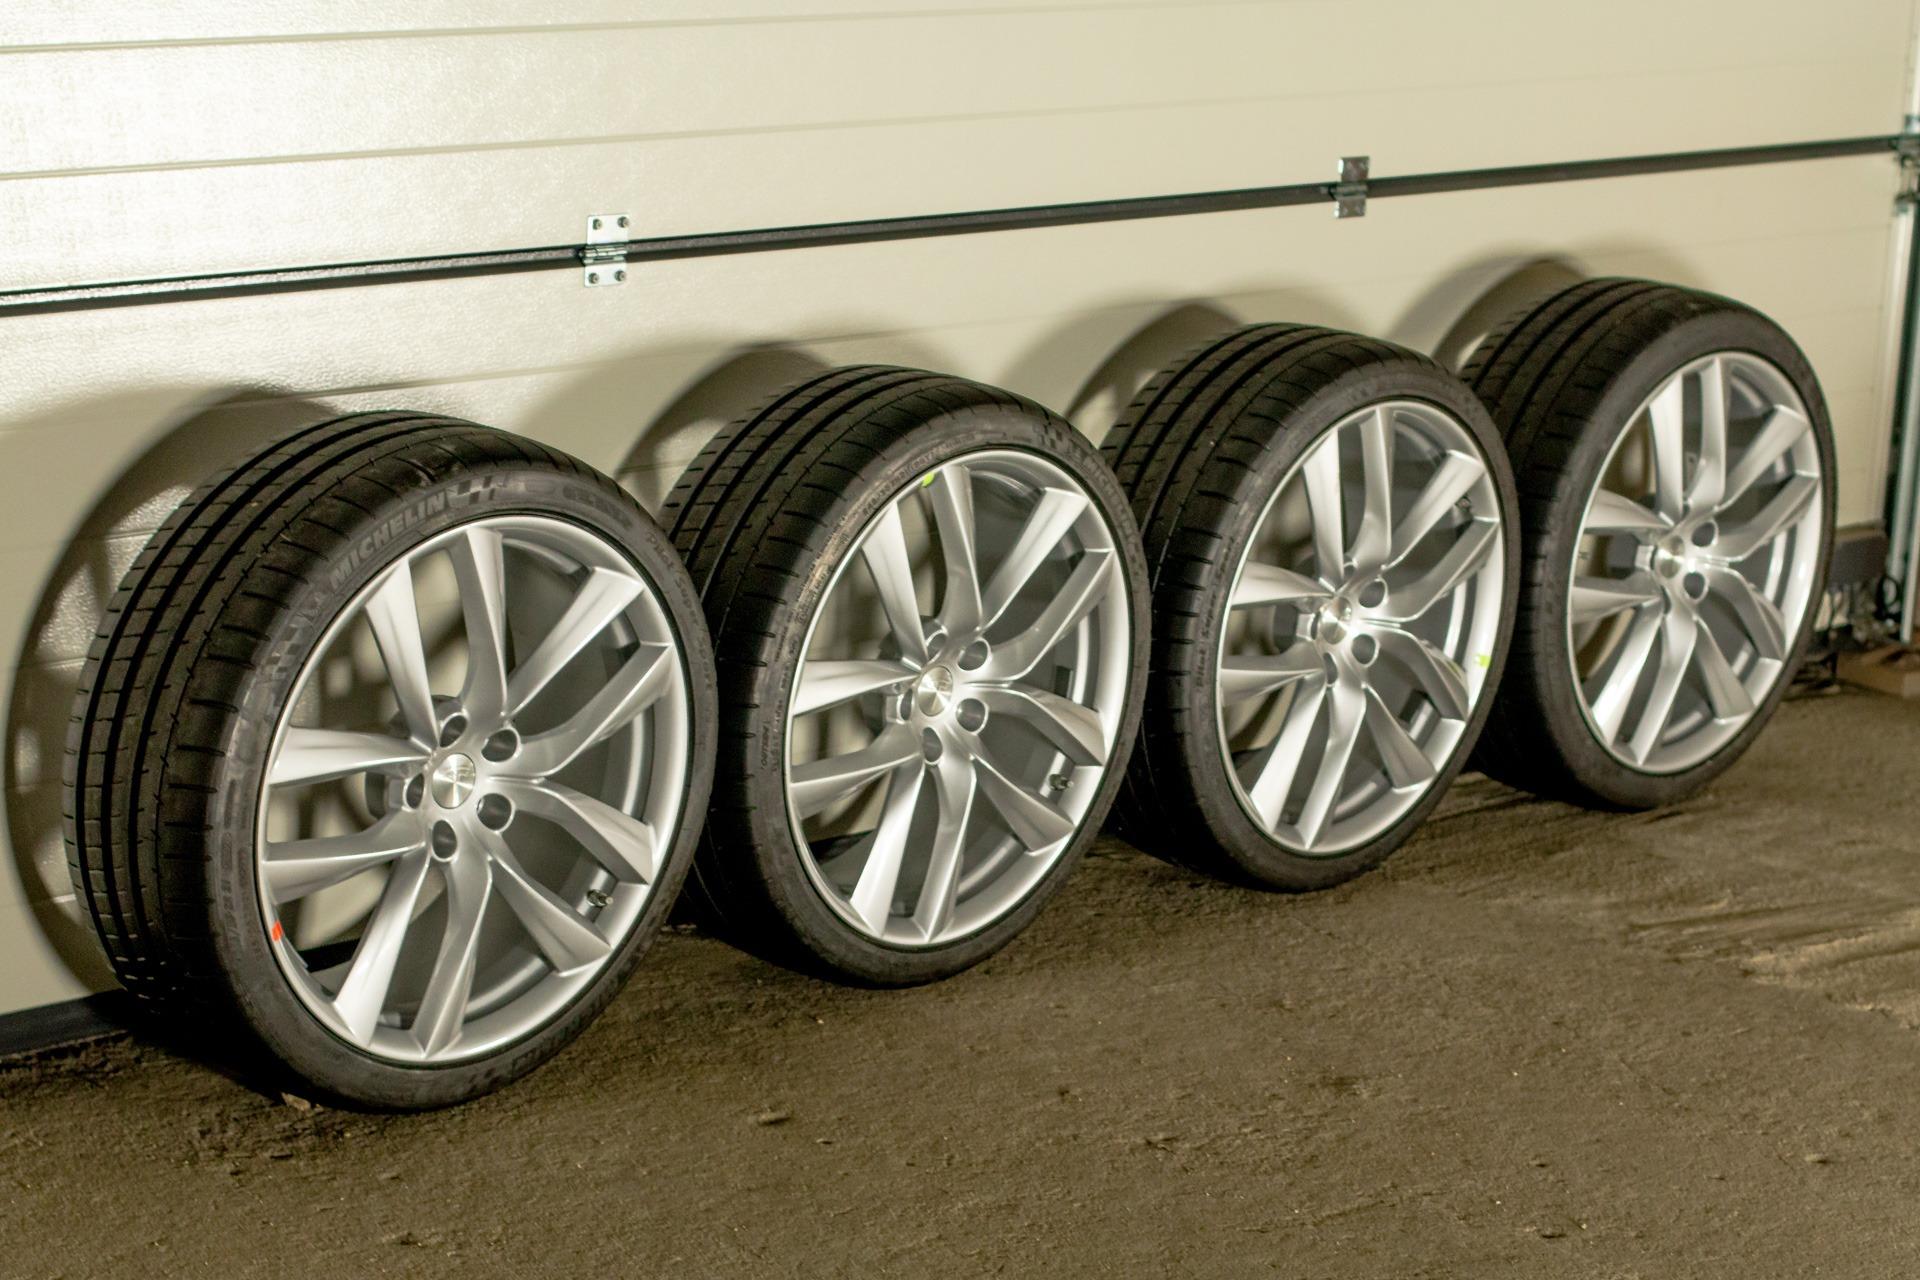 Michelin Pilot Super Sport Sommerreifen 245/35 ZR 21 96 Y 265/35 ZR 21 102 Y 21 Zoll Arachnid Felgen Silber limitiert